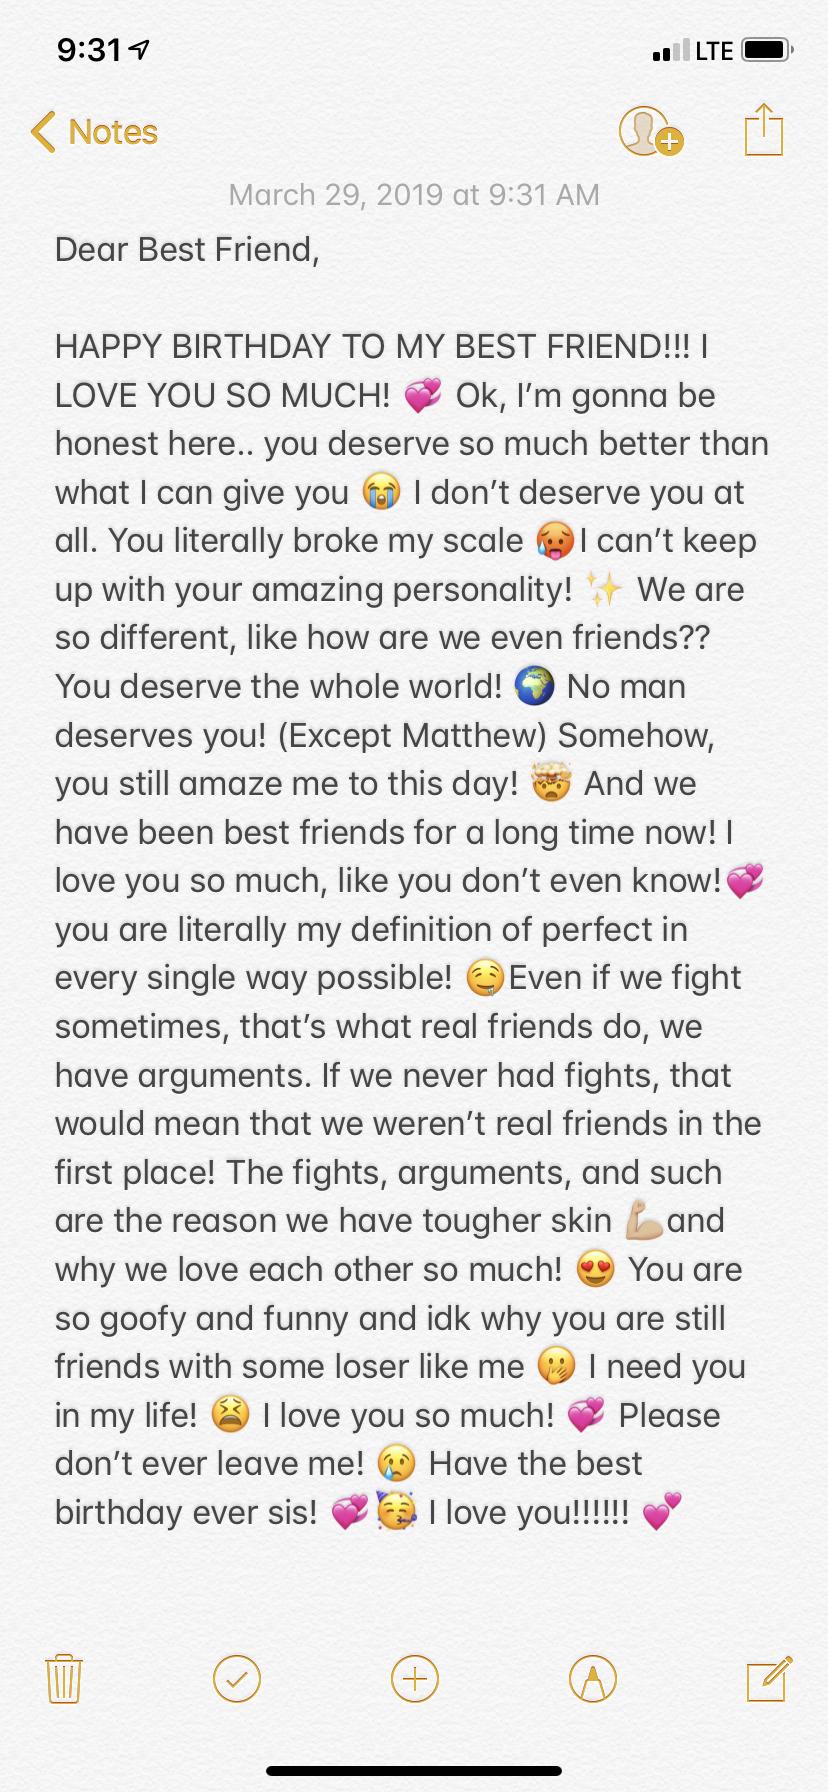 Dear Best Friend Kutipan Persahabatan Terbaik Ungkapan Romantis Teks Lucu